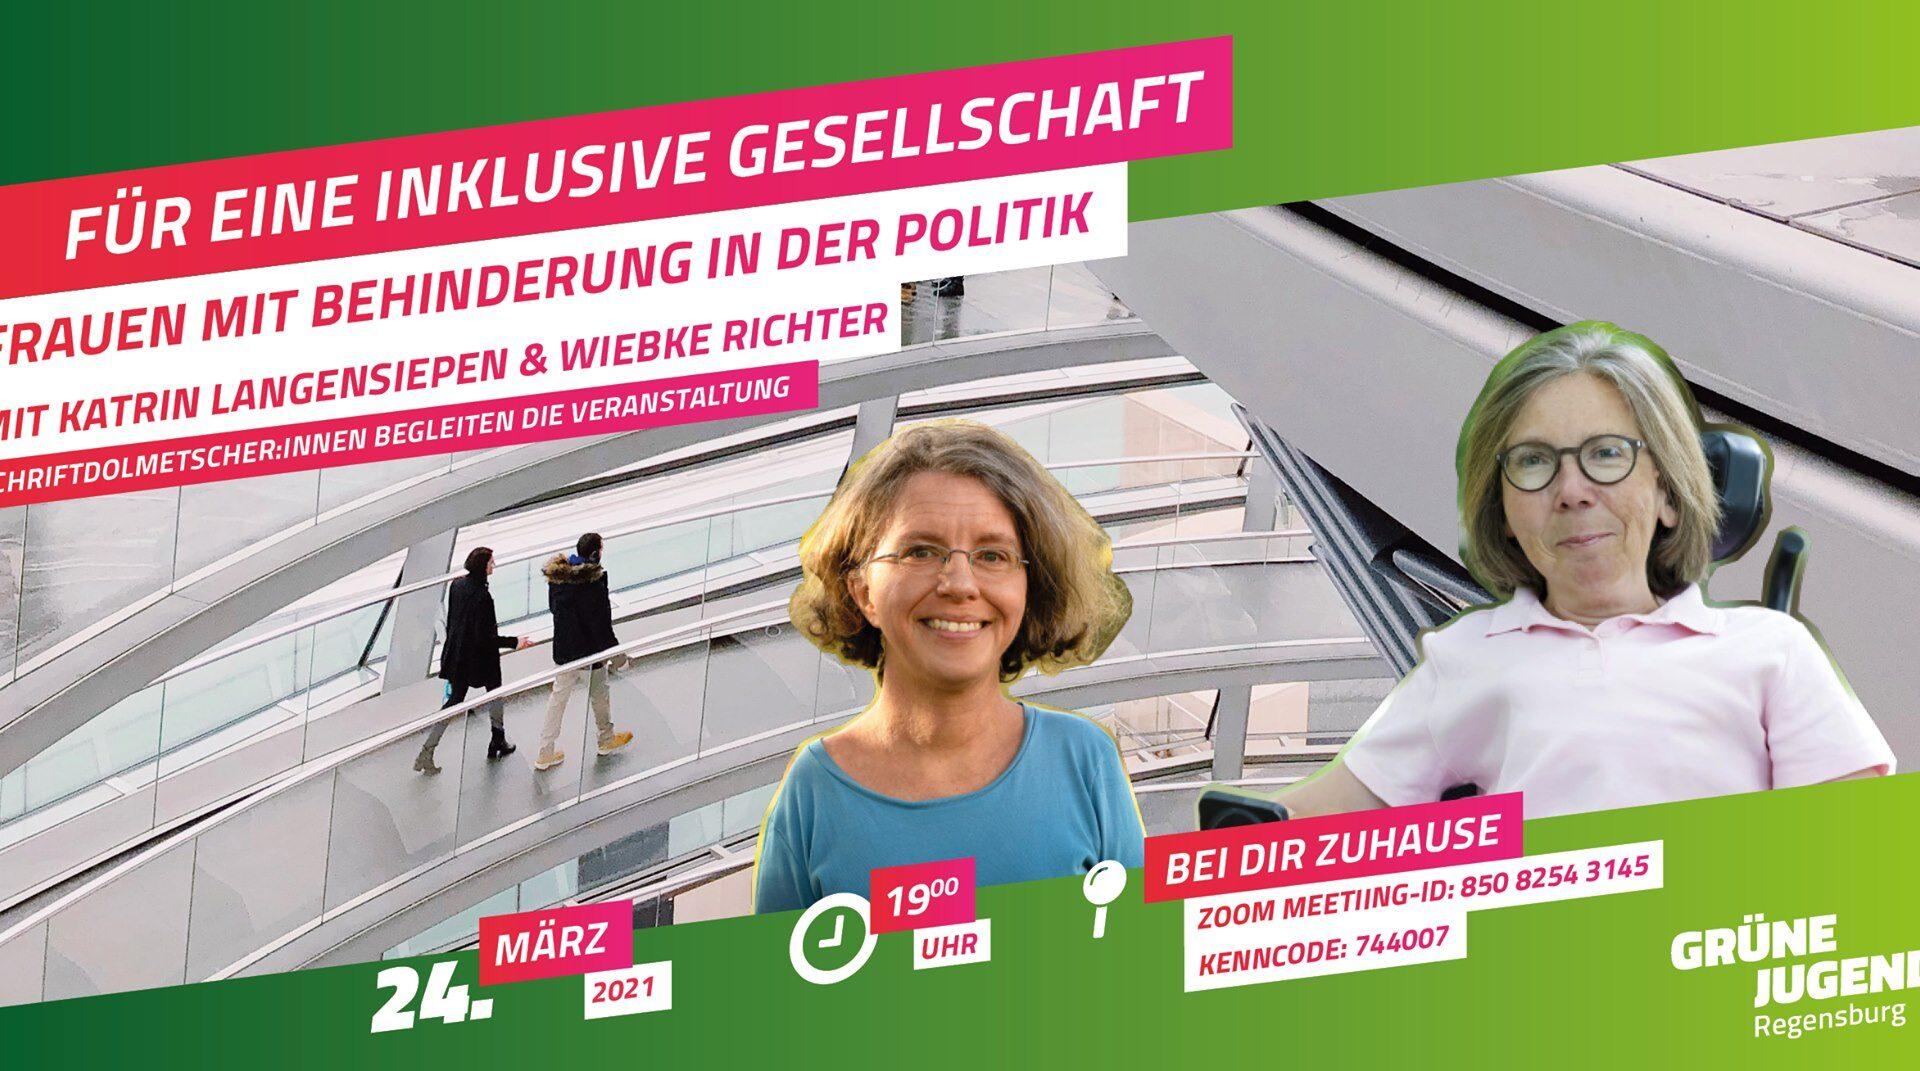 Sharepic mit Katrin Langensiepen und Wiebke Richter